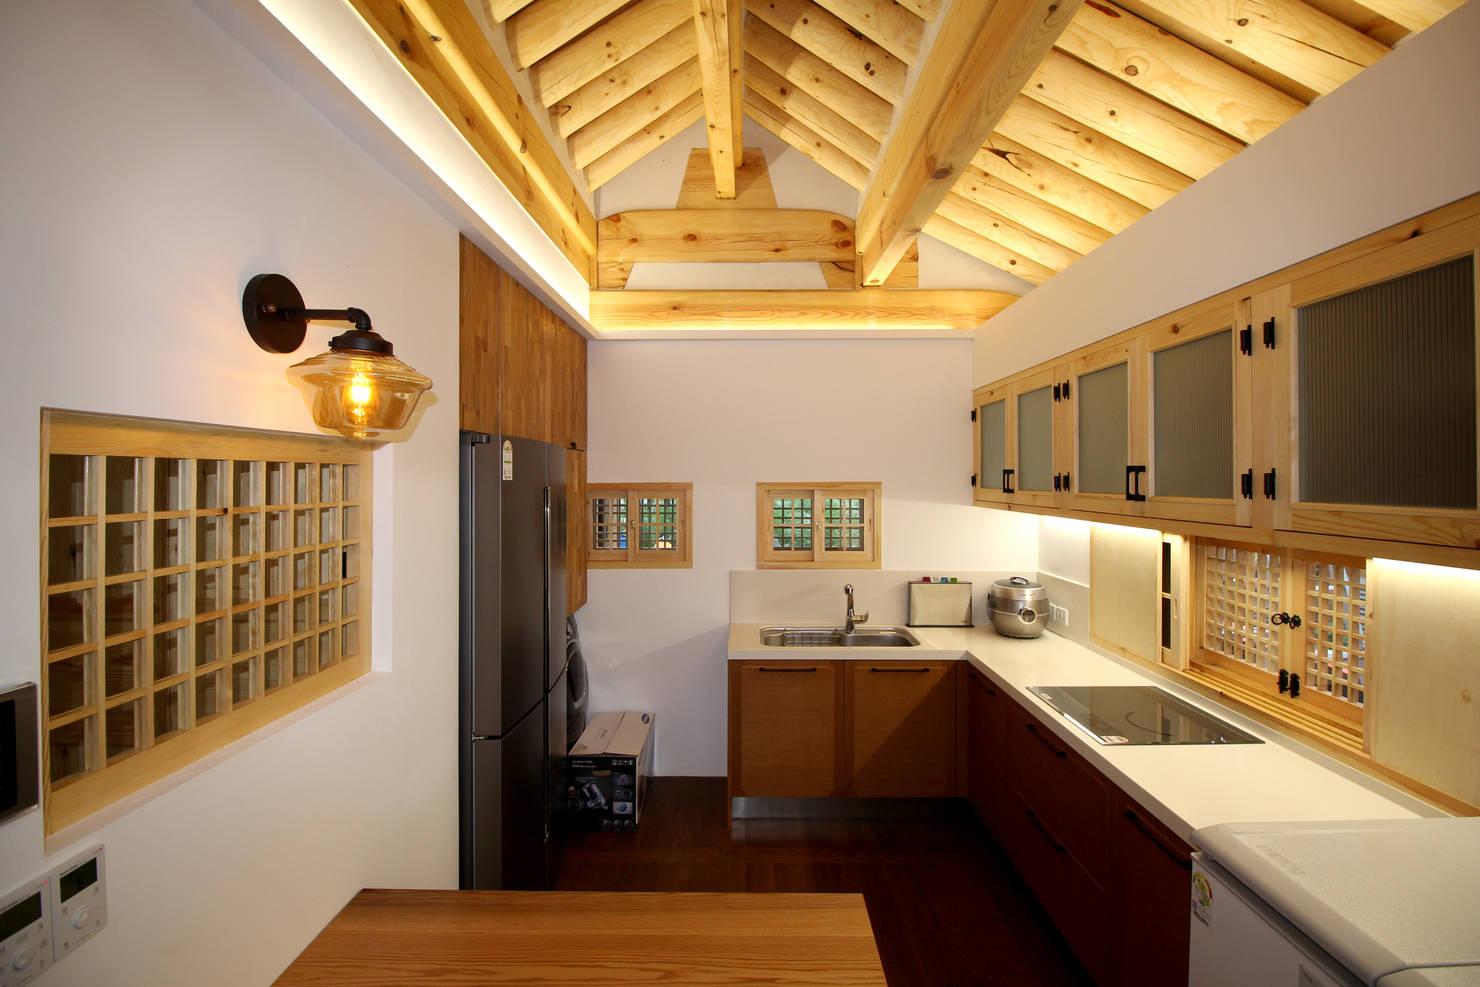 21세기형 한옥, 4인 가족을 위한 한옥 주택